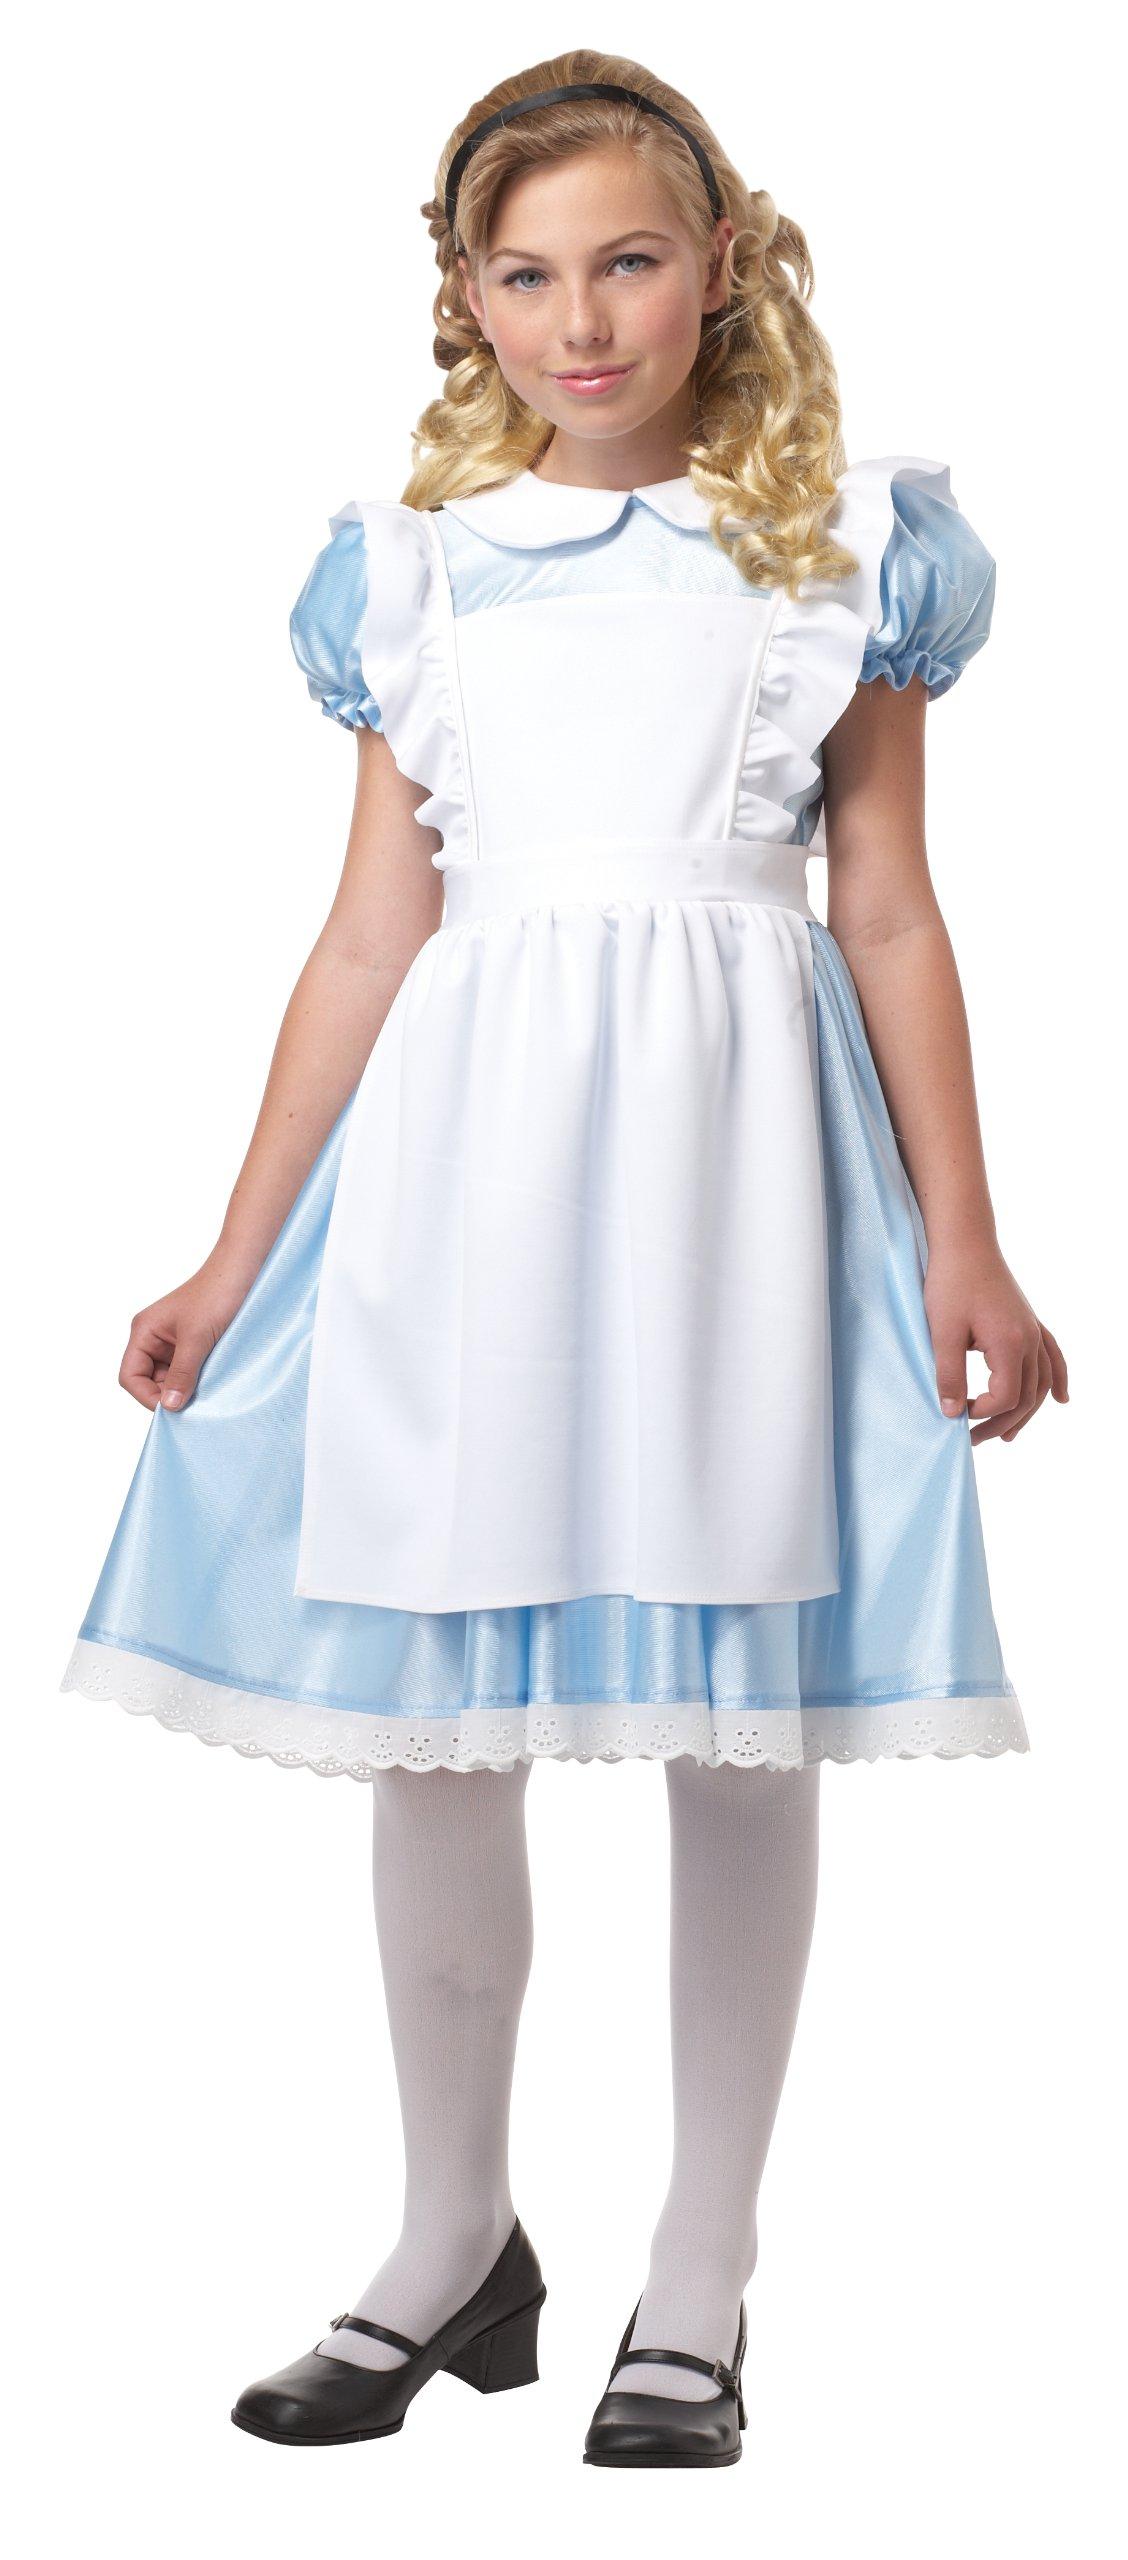 Alice Child Costume Child Medium (8-10)